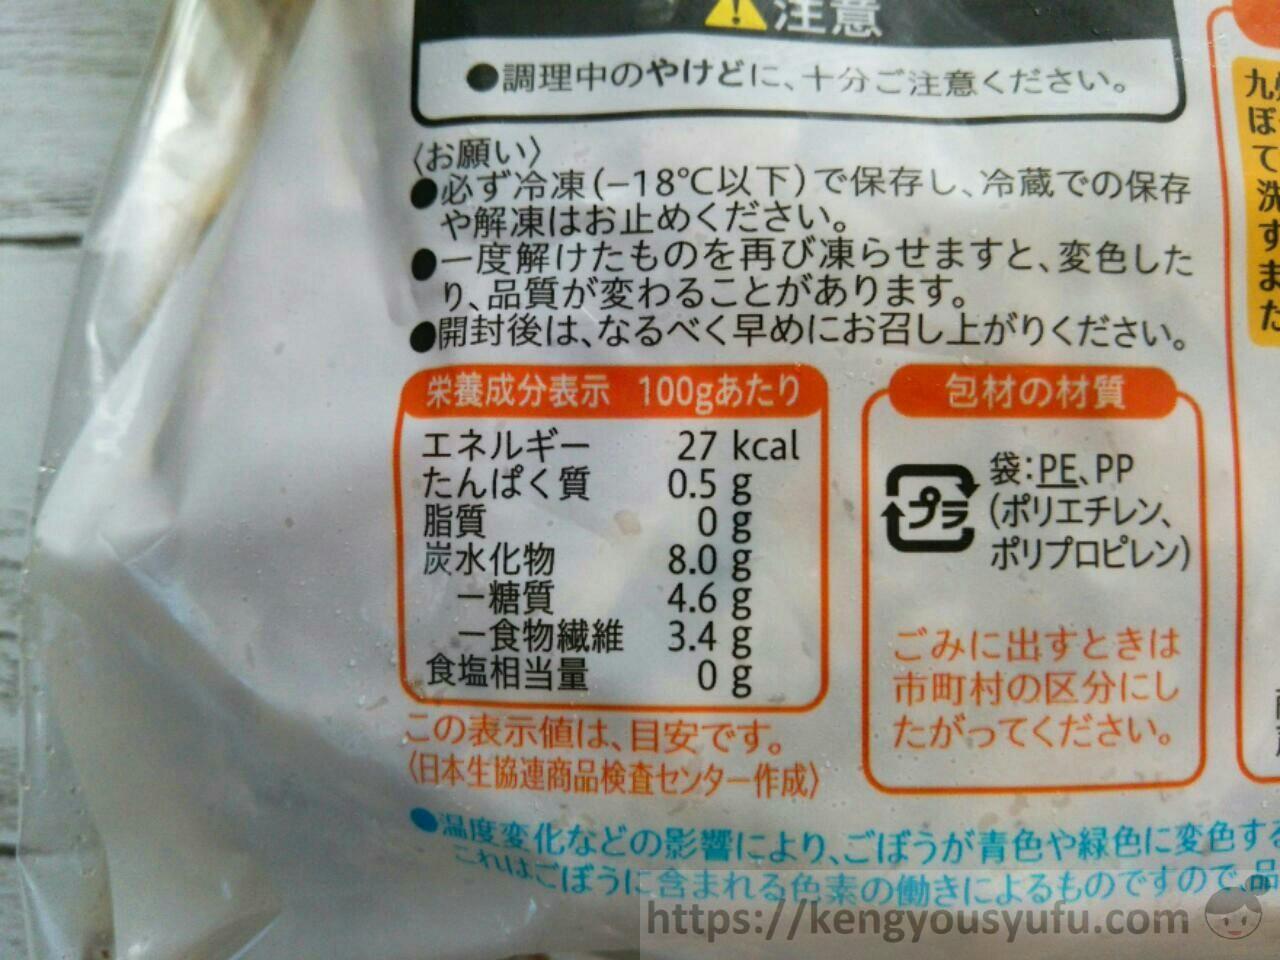 【コープ産地指定】南九州地方の冷凍ささがきごぼう 栄養成分表示